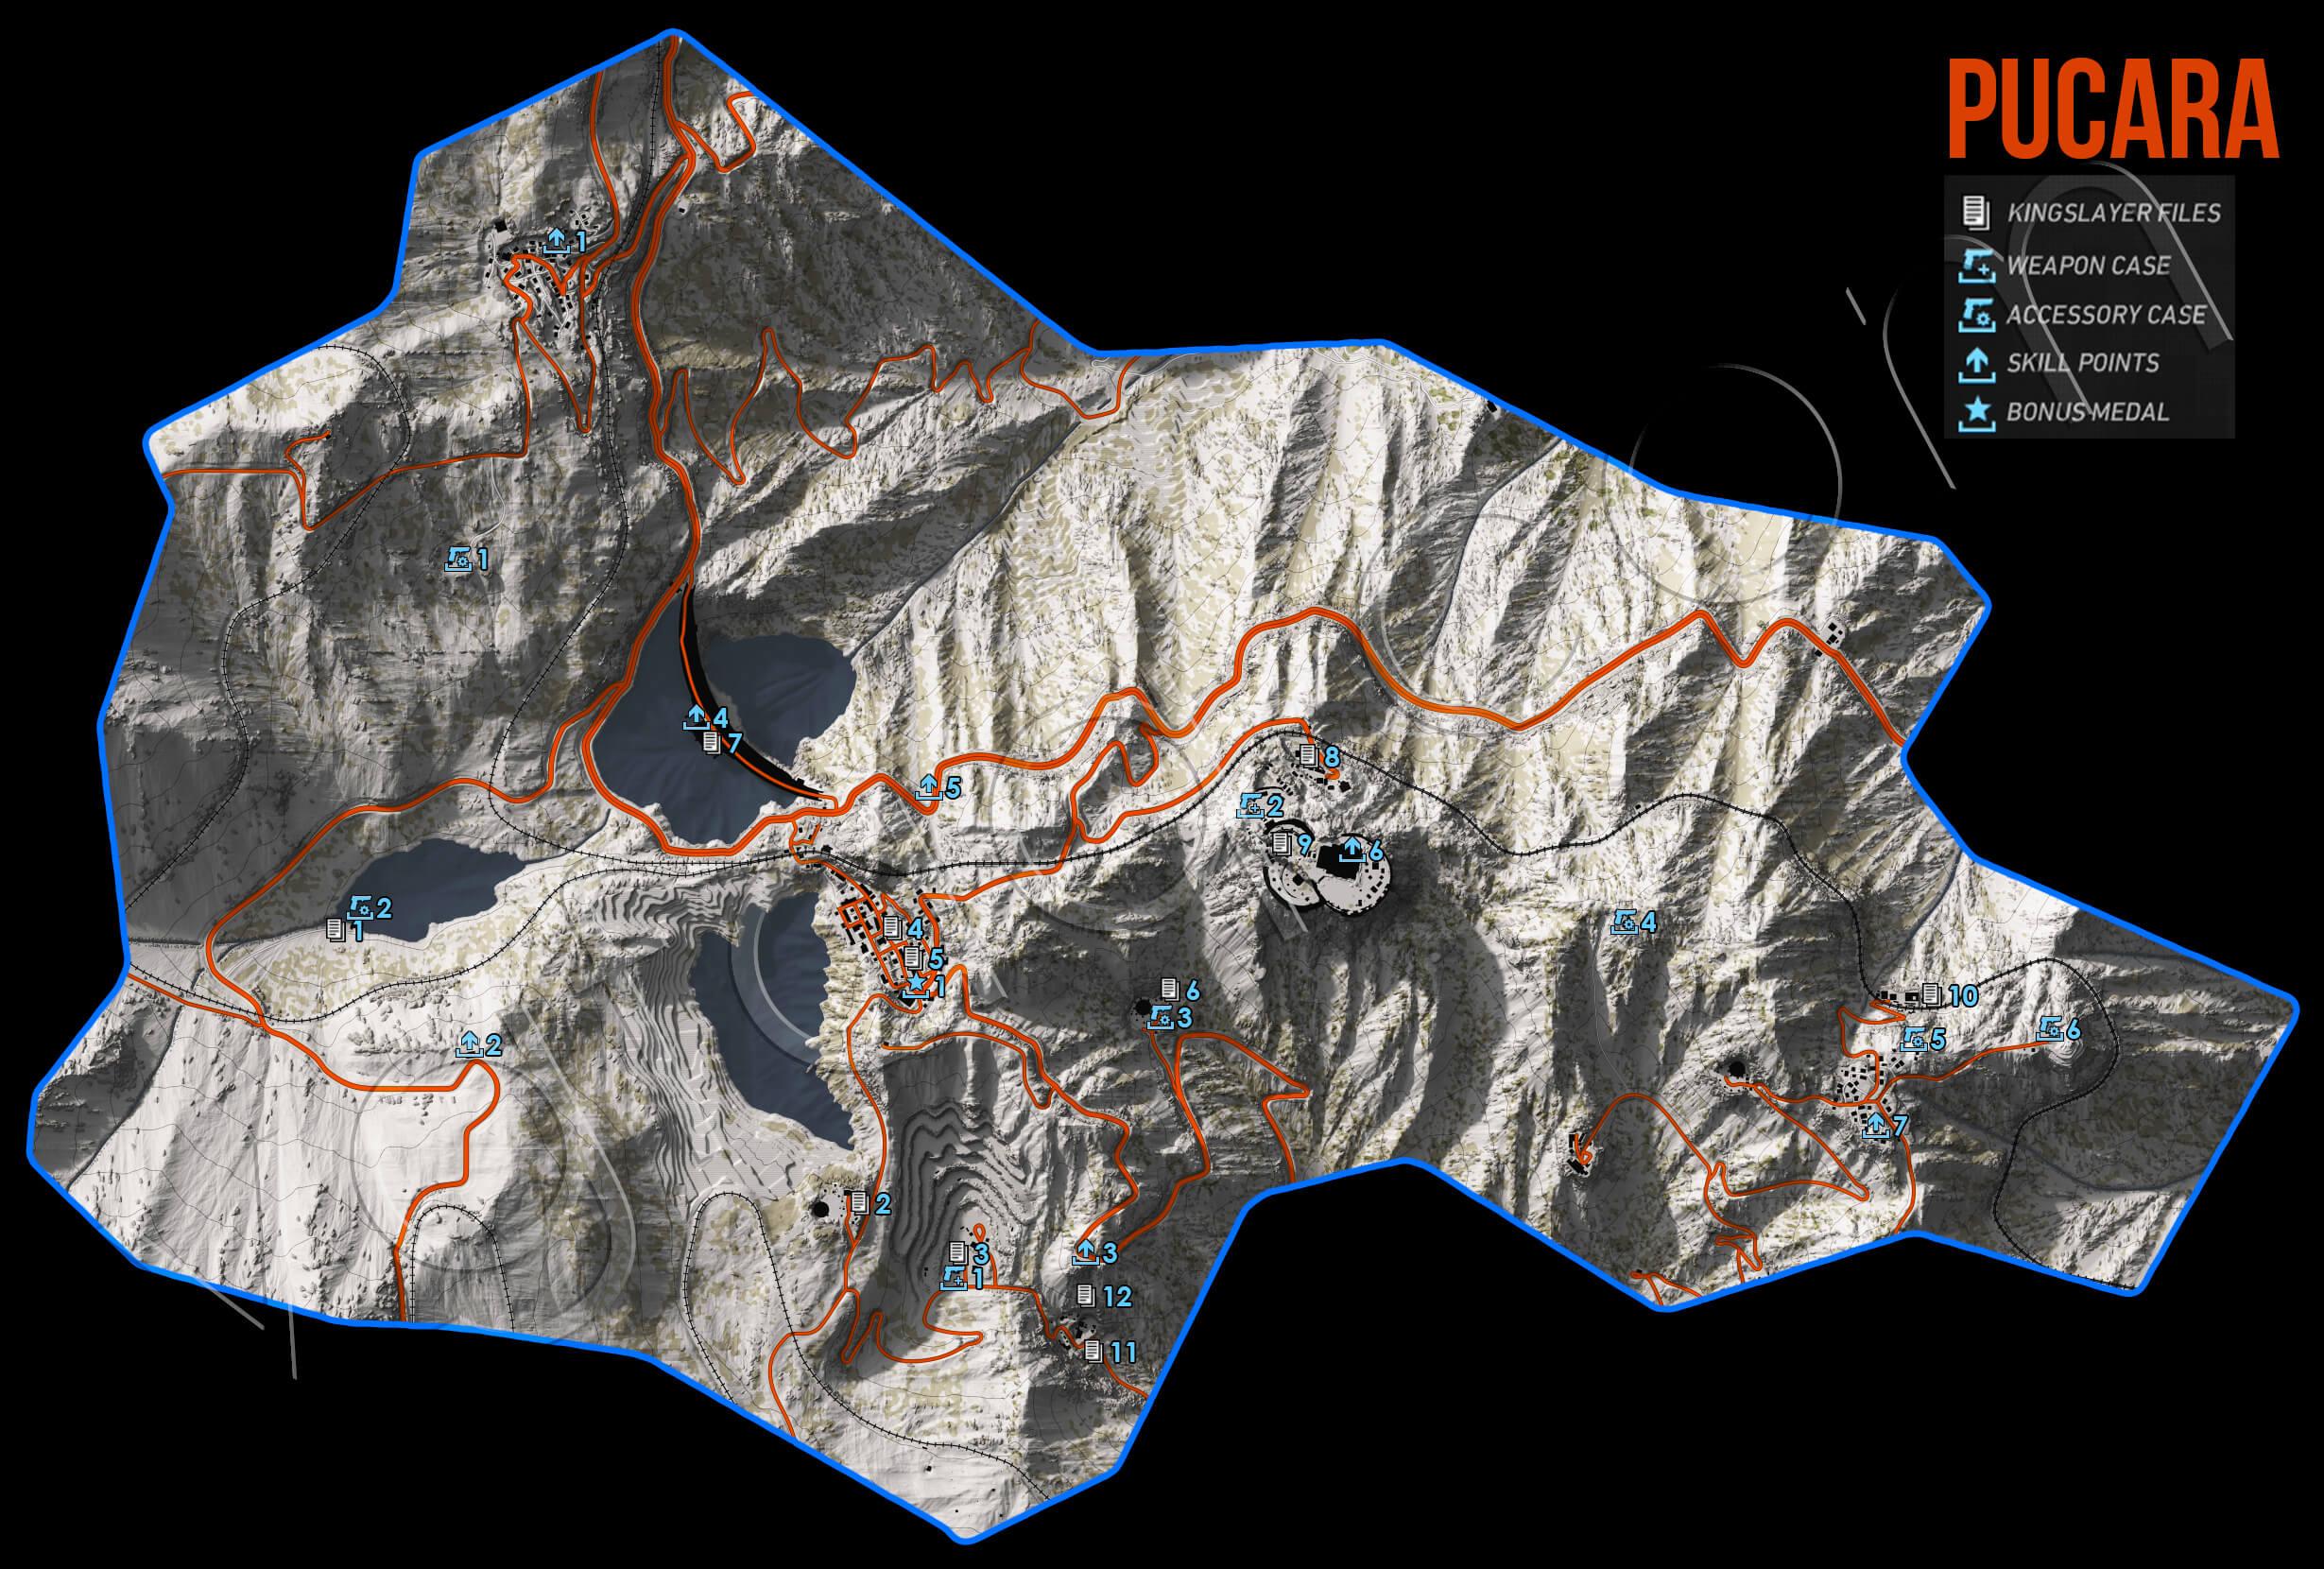 Ghost Recon Wildlands Pucara Collectables Map